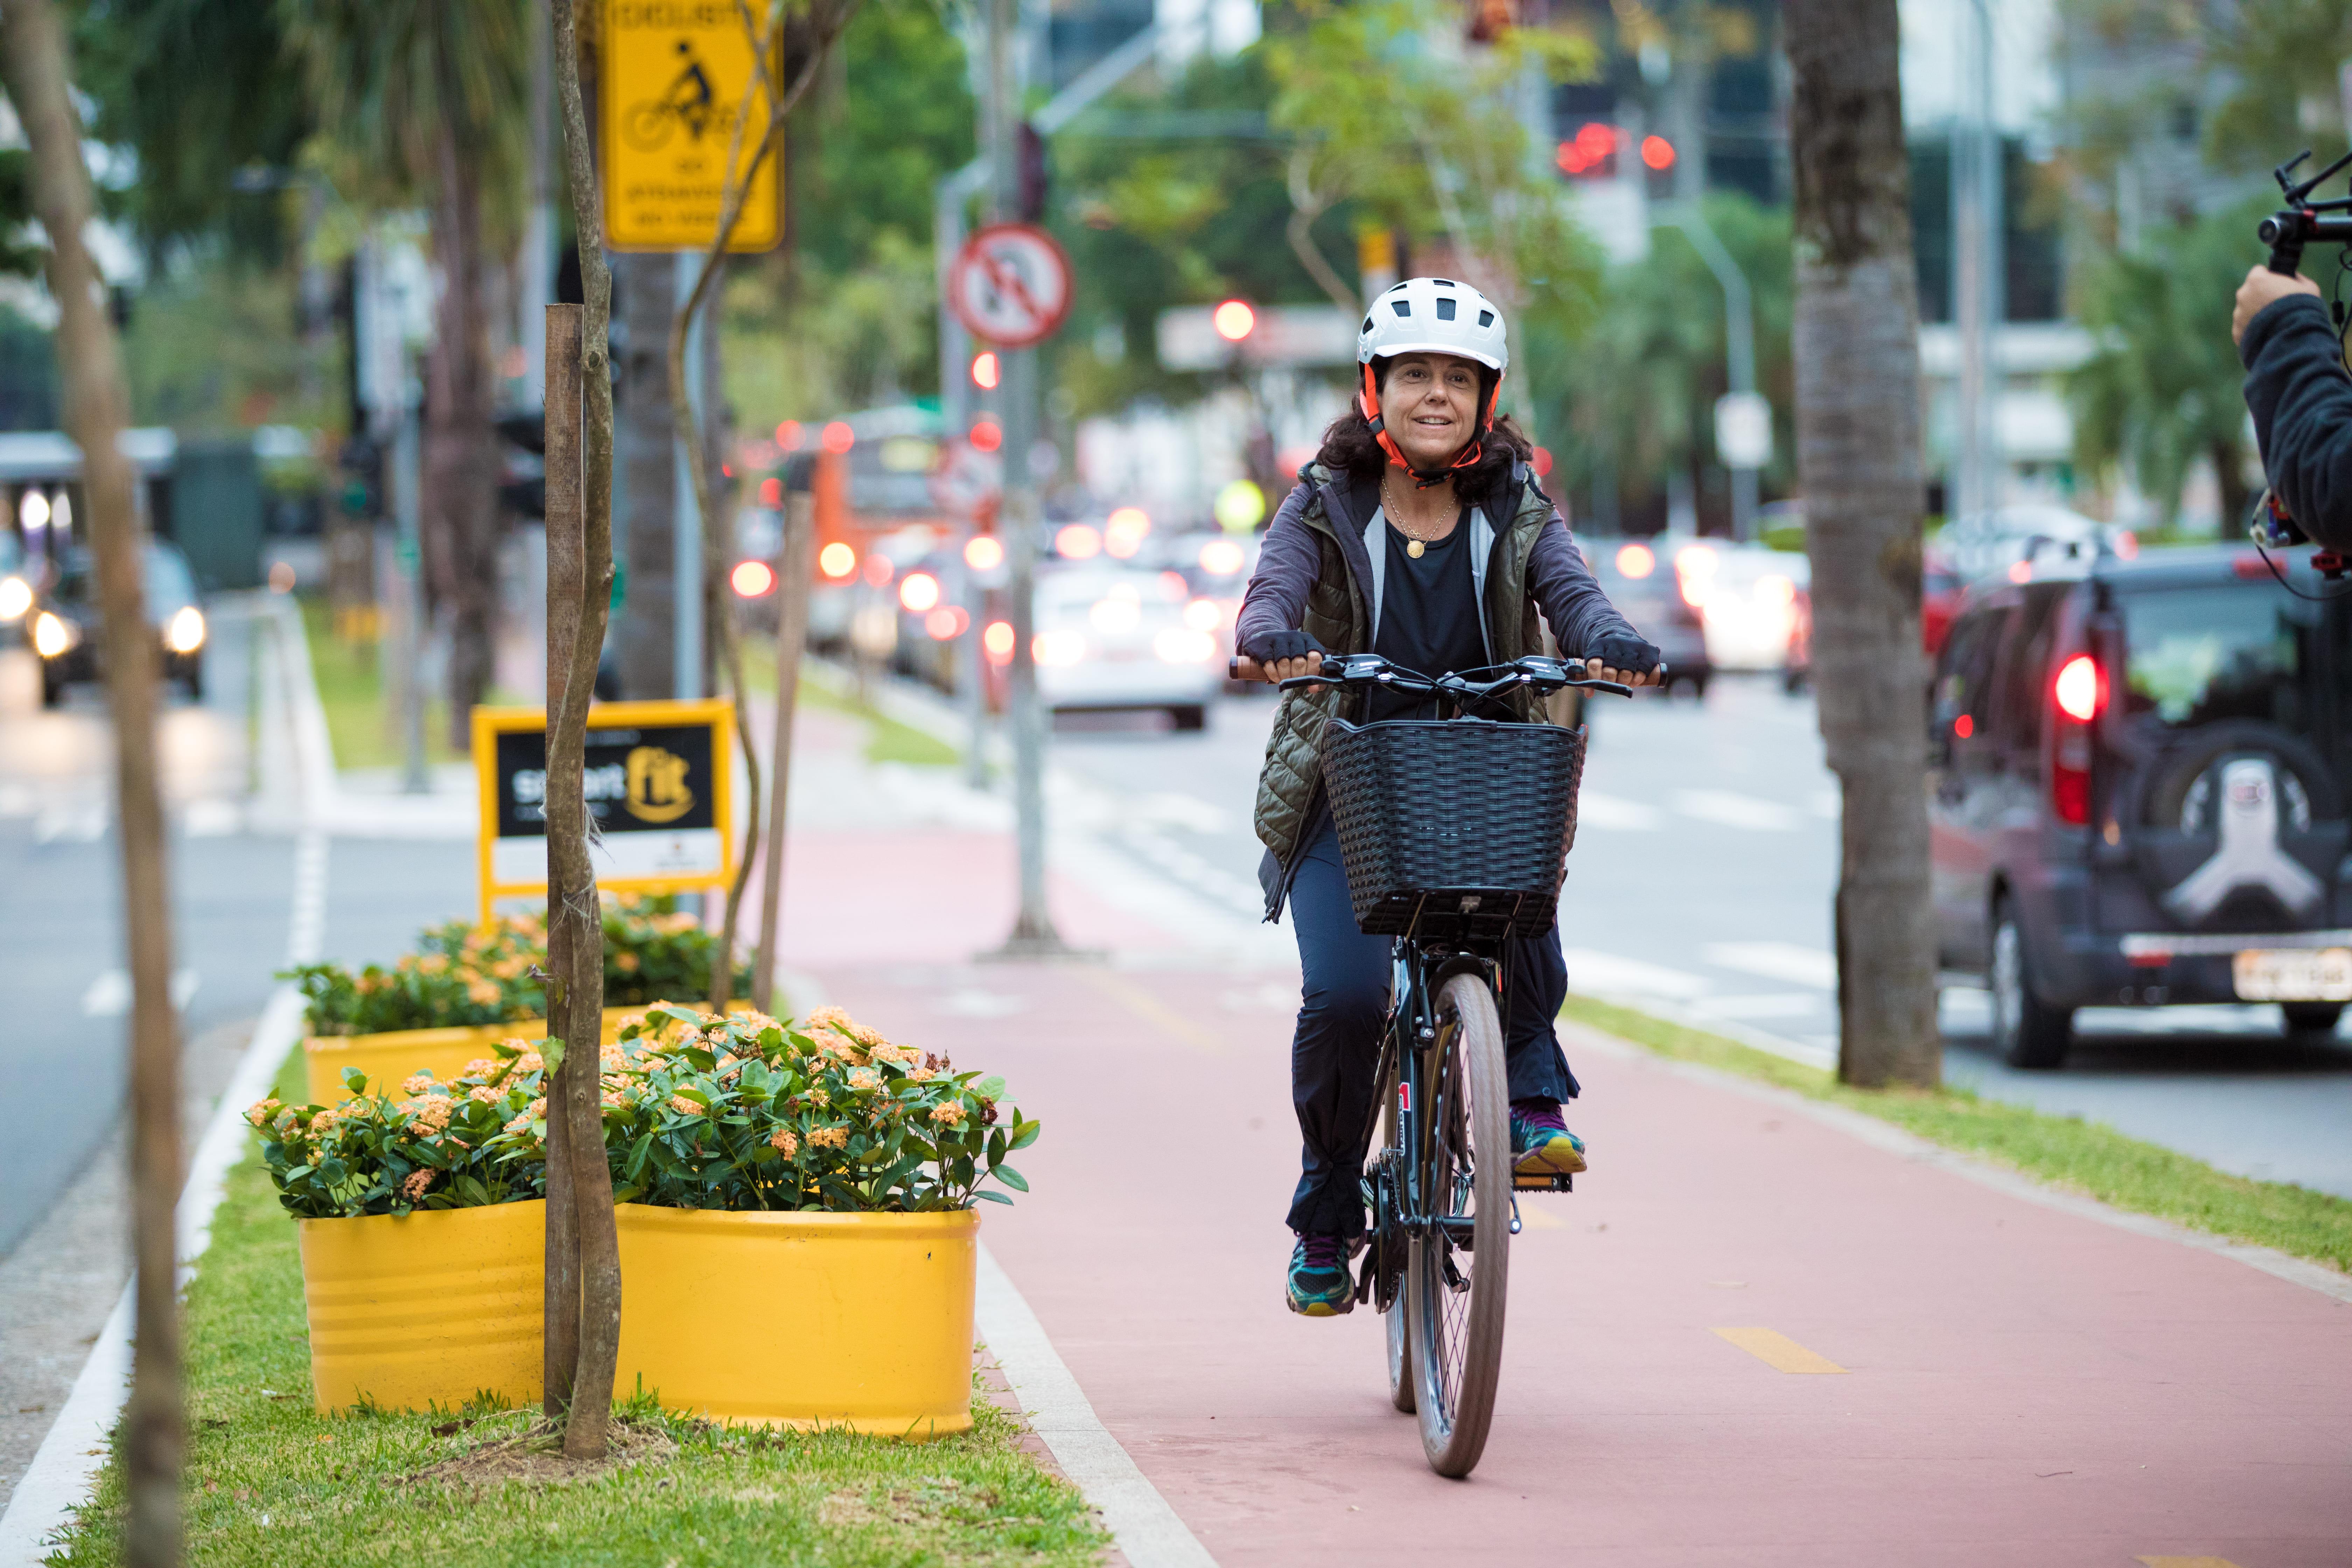 Modalidades de ciclismo: Ciclista pedala por uma ciclovia em São Paulo